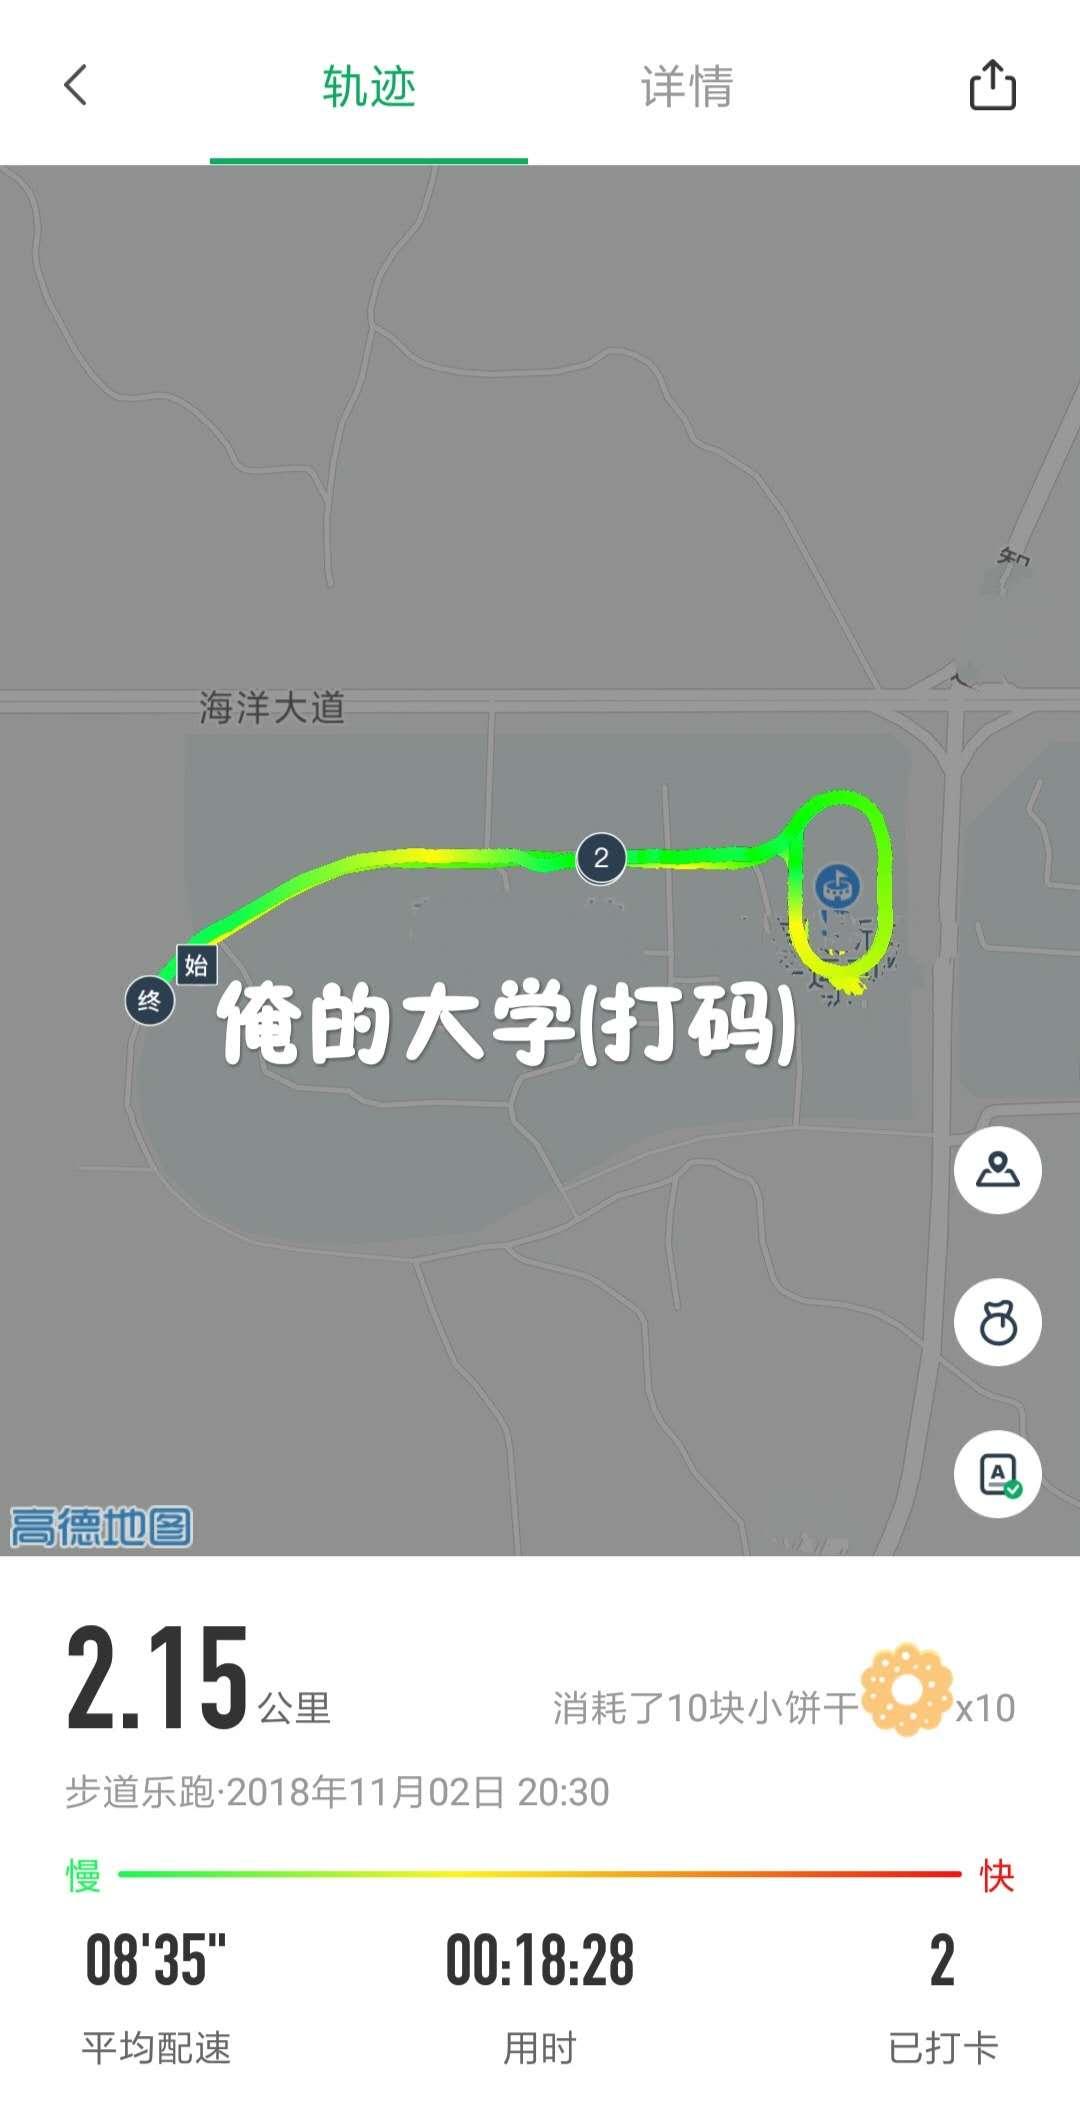 跑步轨迹图